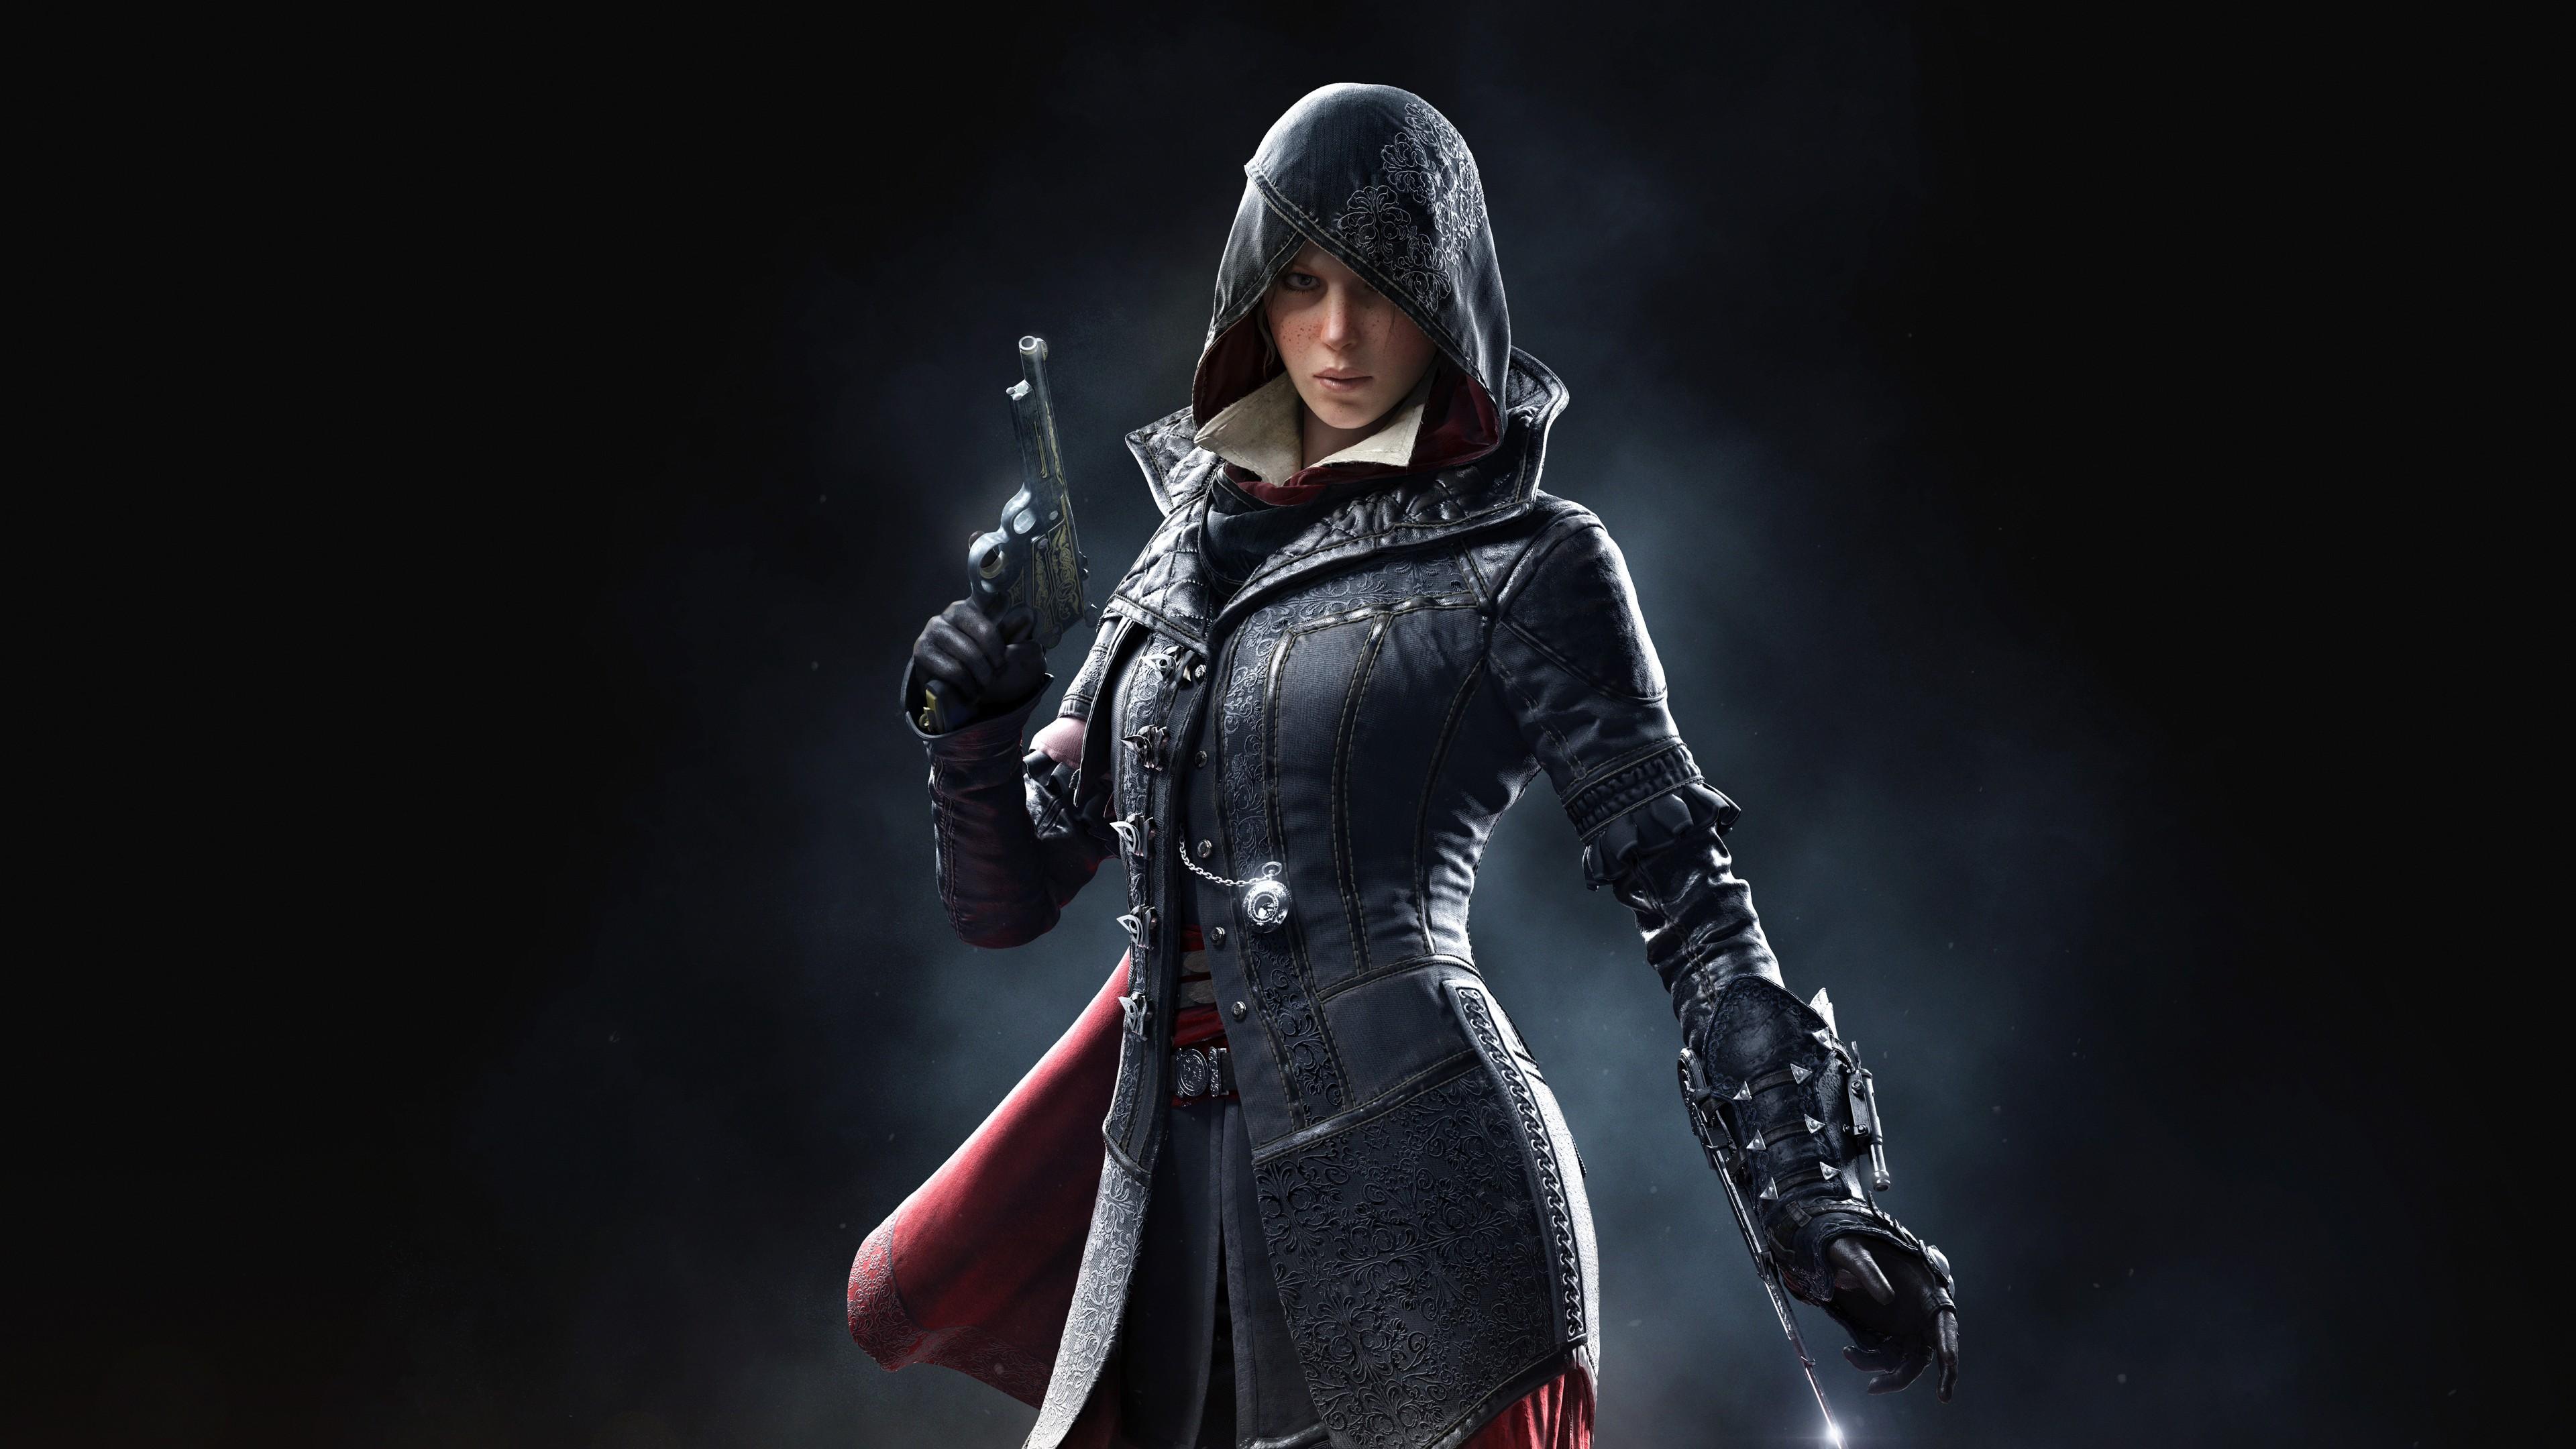 Стройная фигура девушки-воина в черном шлеме ,плаще с оружием